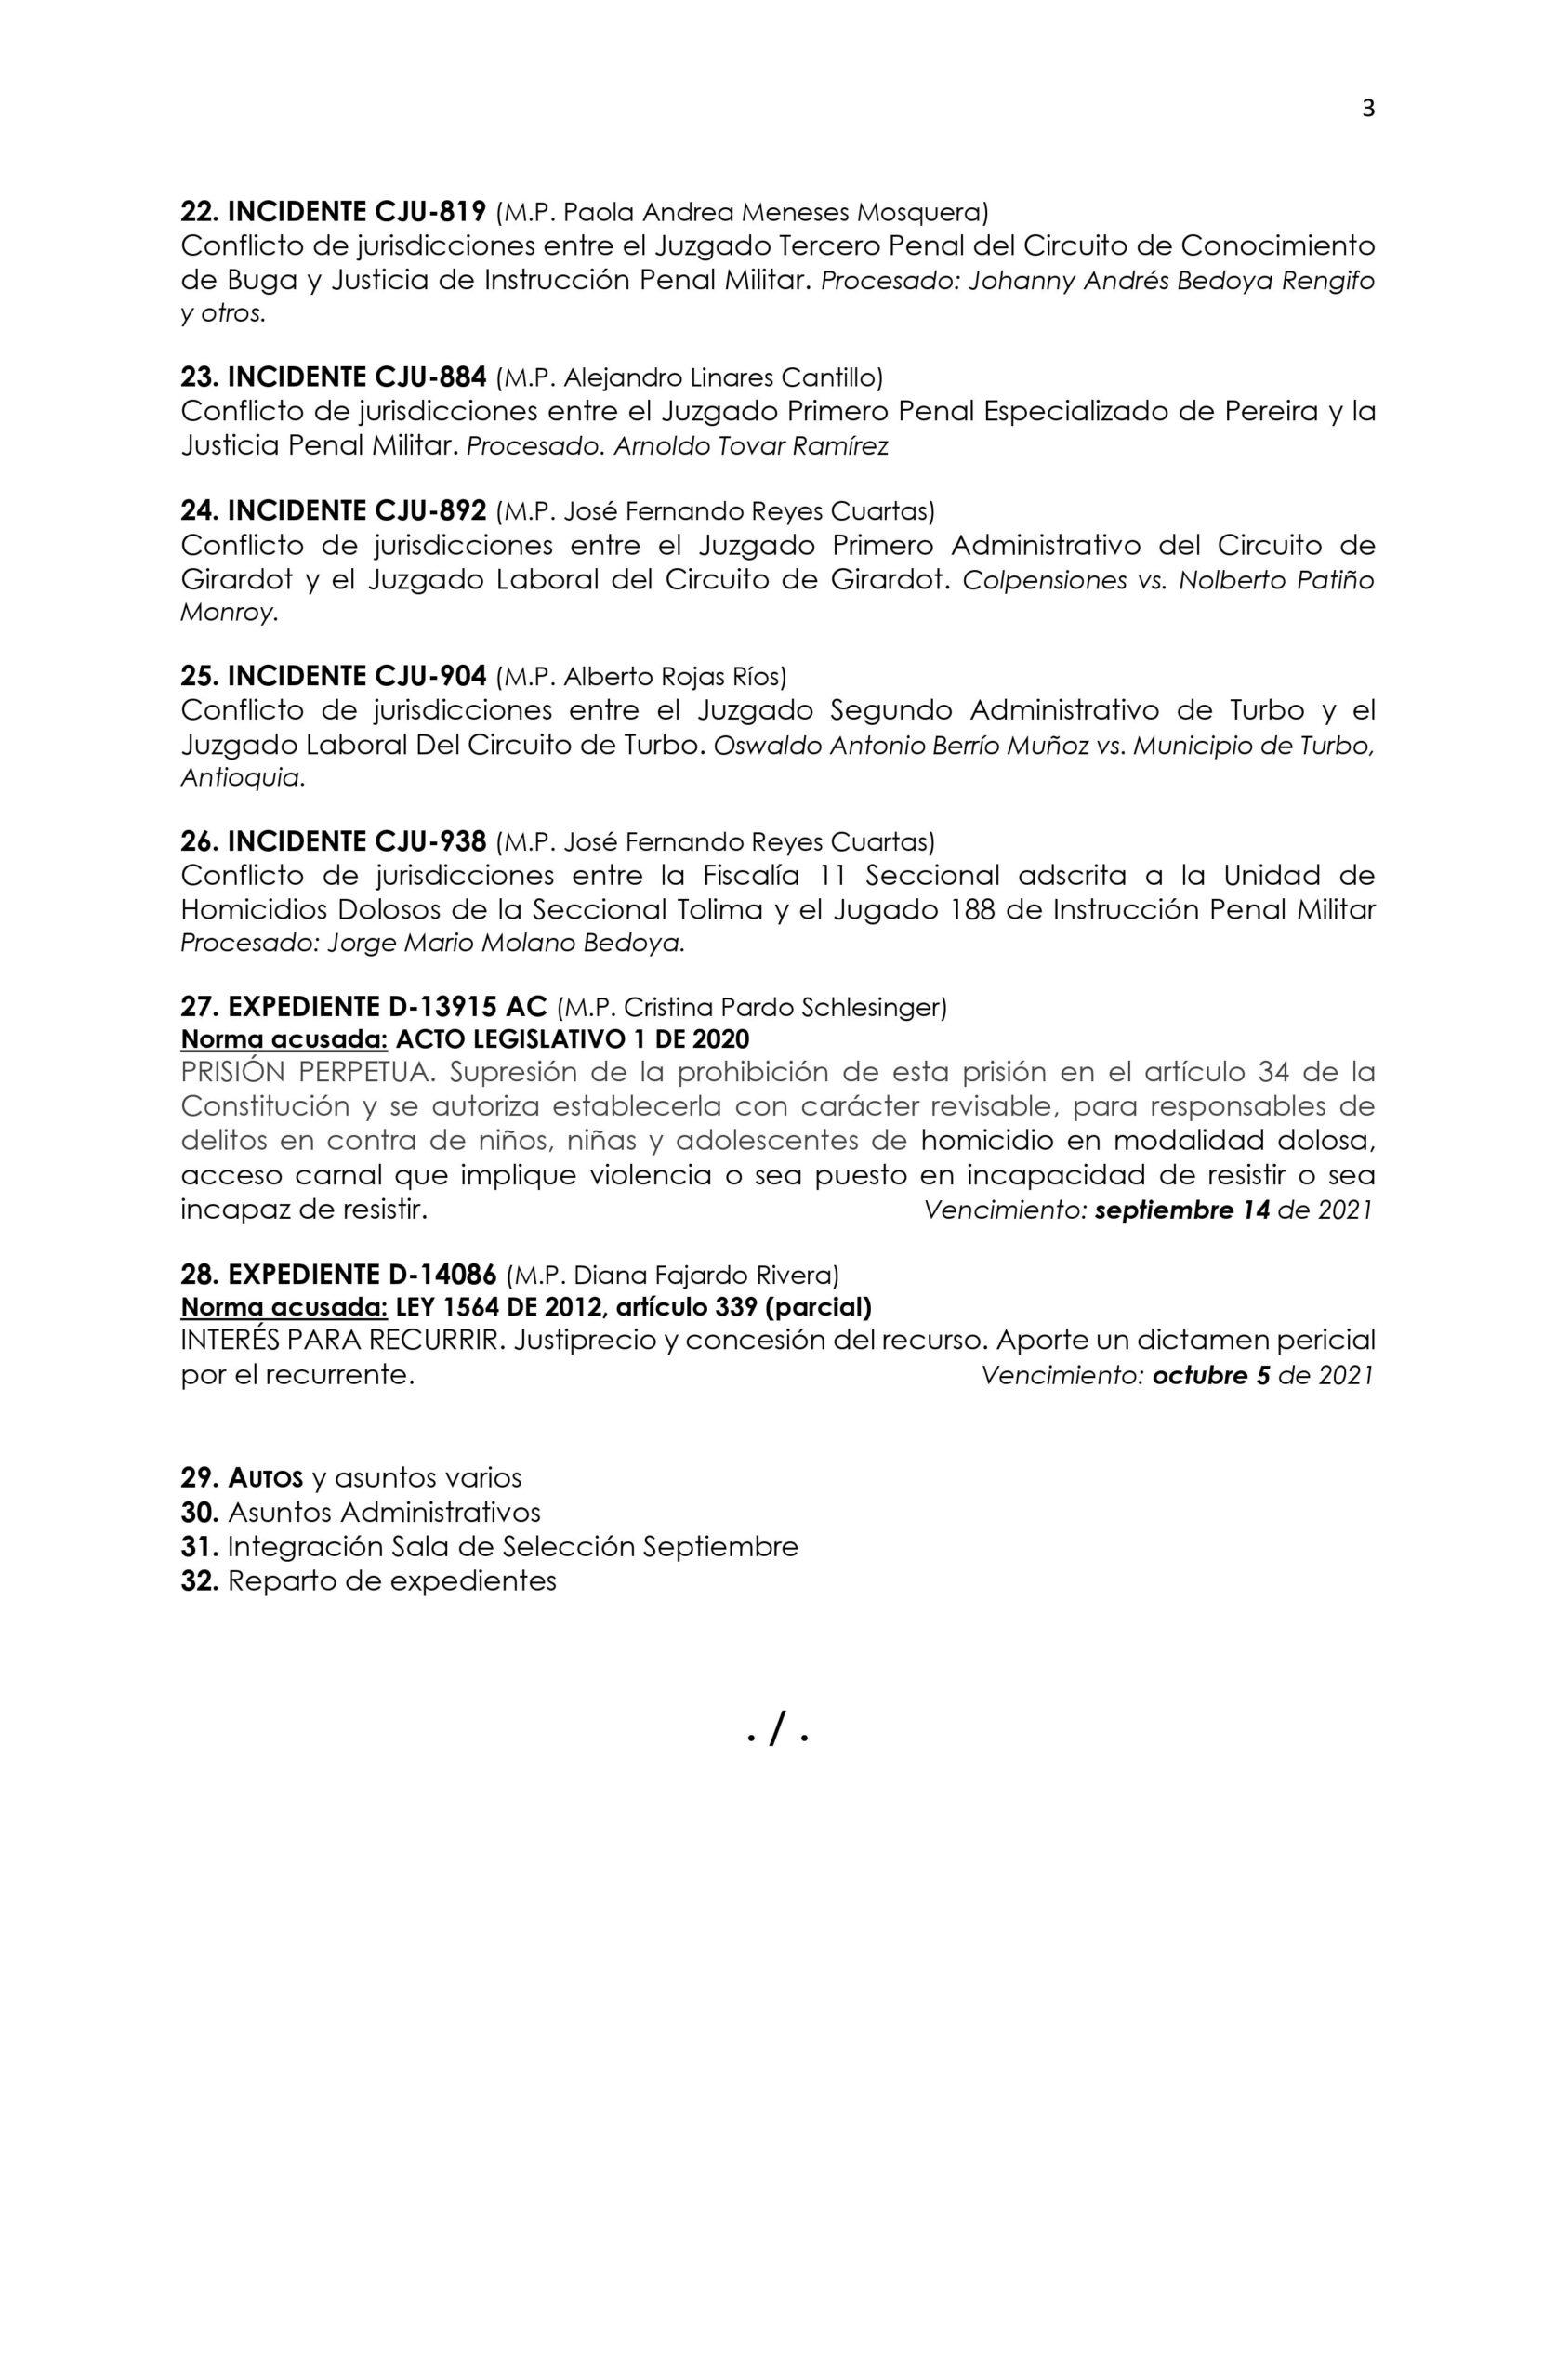 Corte Constitucional definirá el caso del Mayor Molano 4